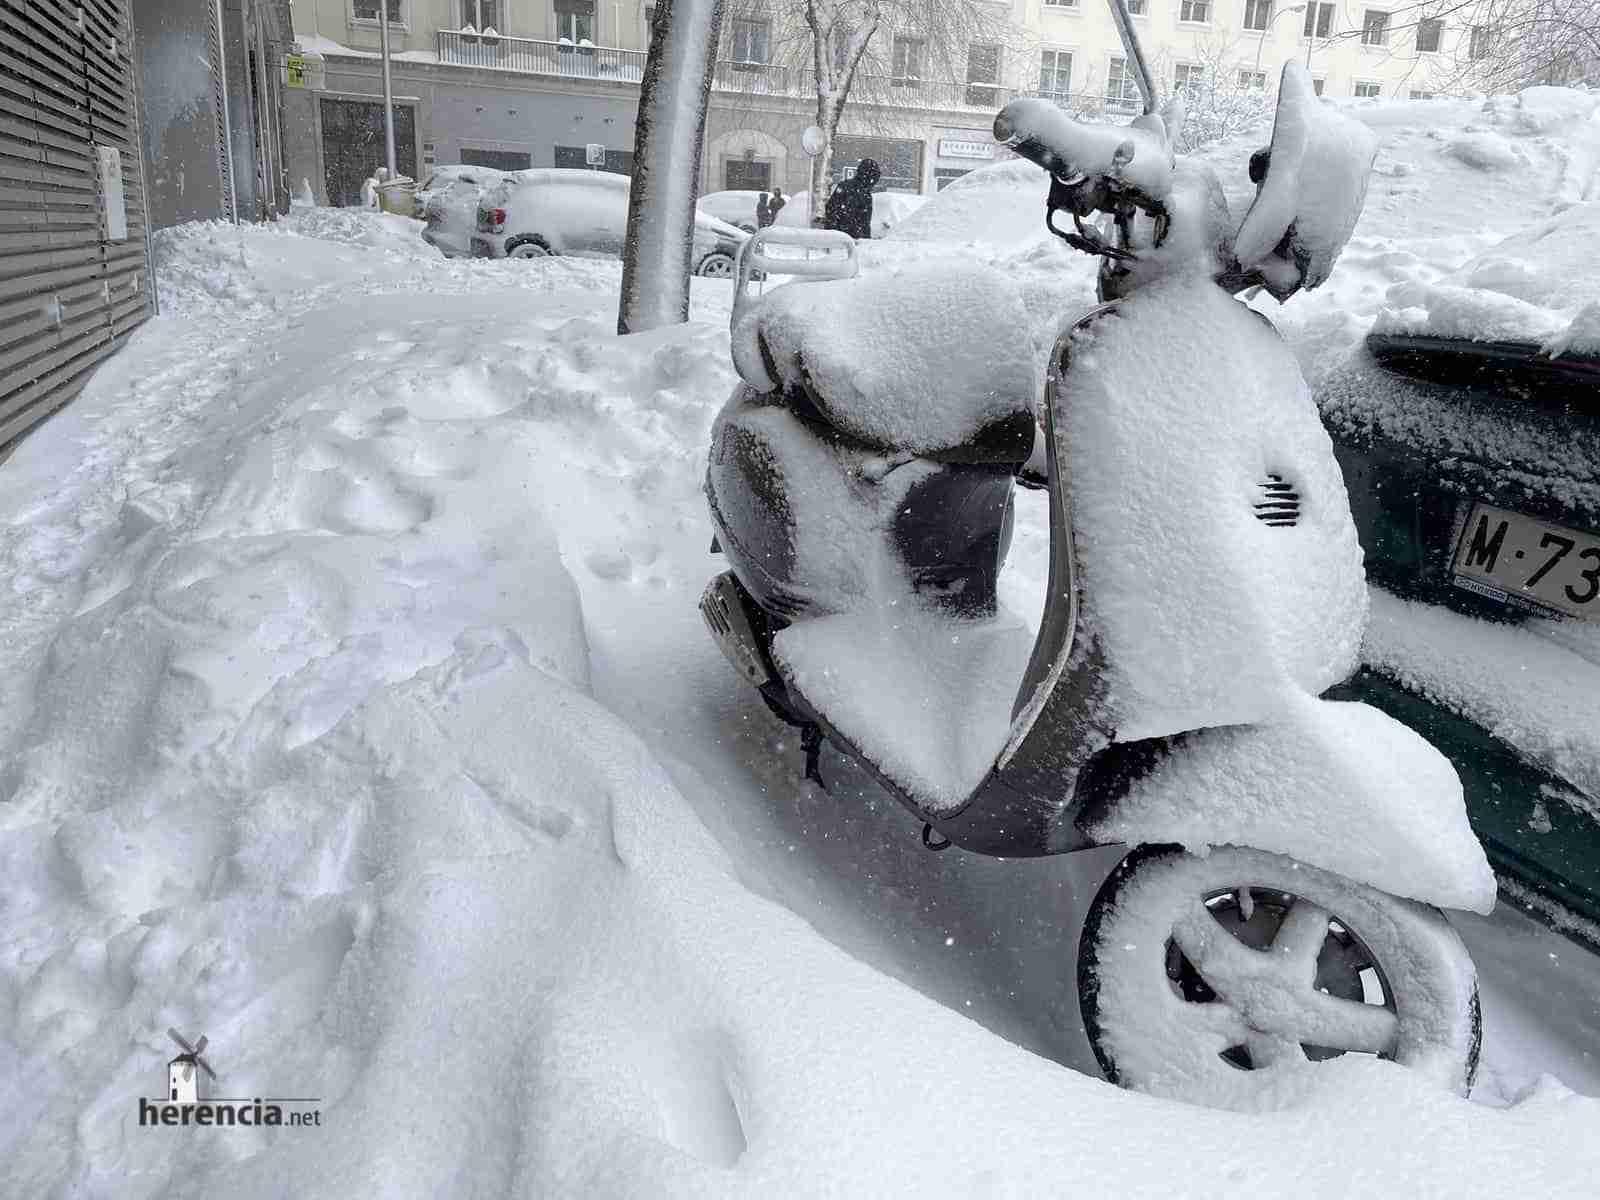 Fotografías de la nevada de enero en Madrid (España) 118